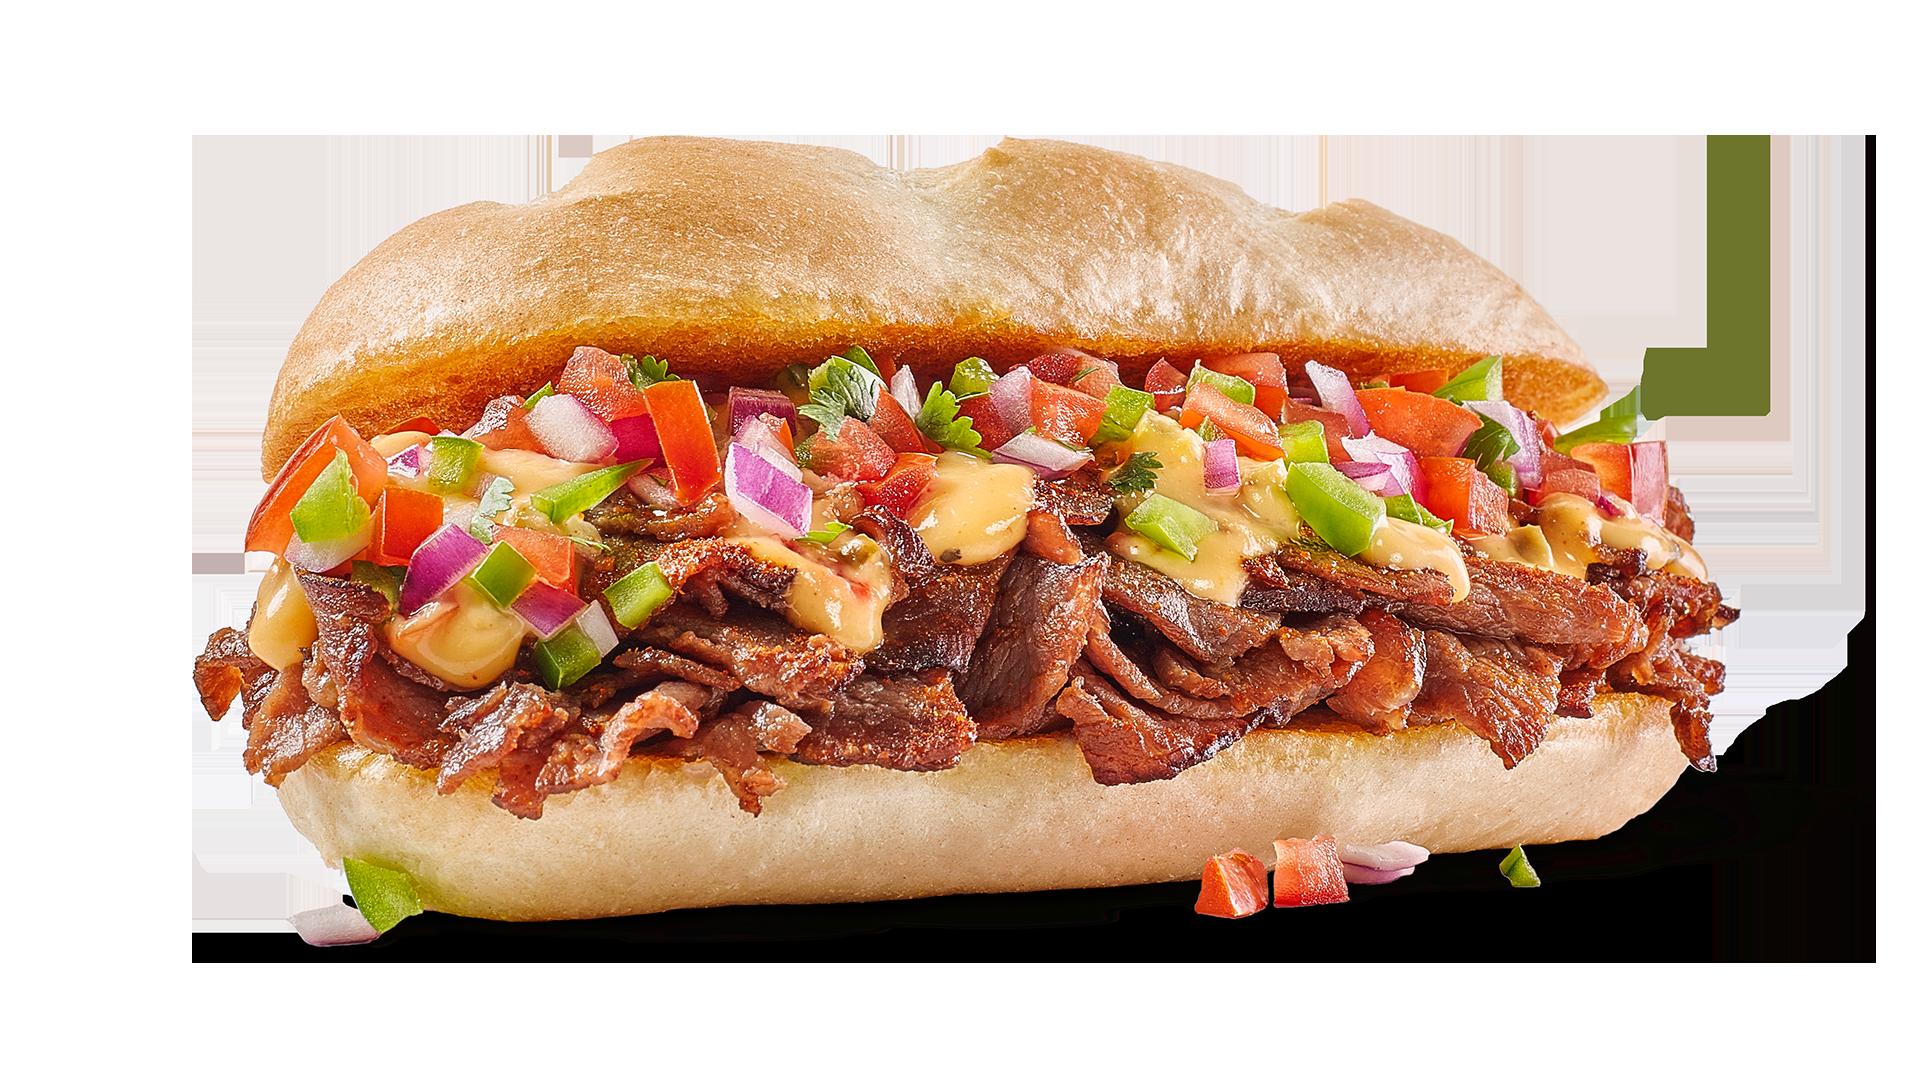 Sandwich HD PNG - 92553